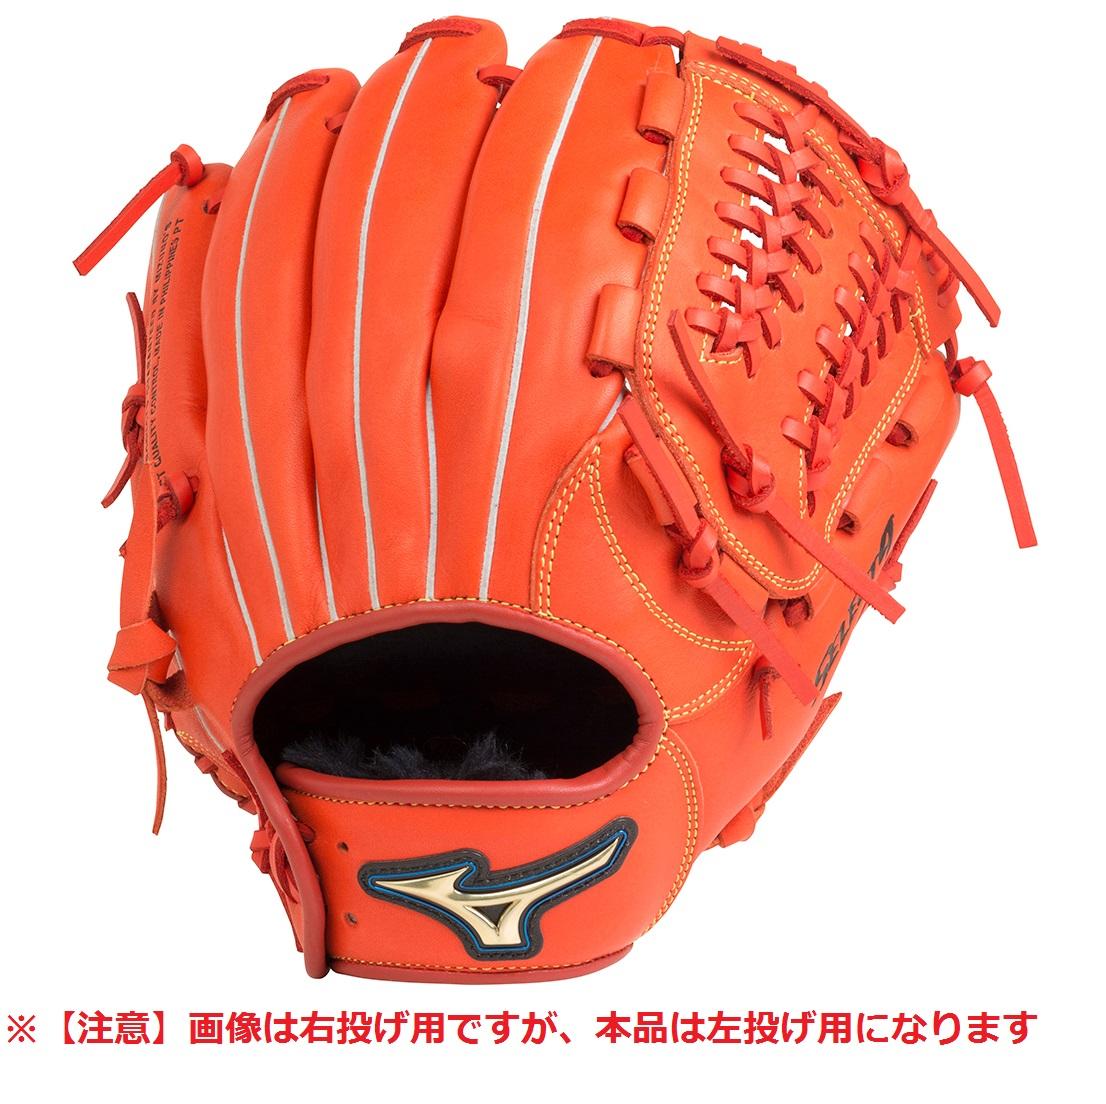 【送料無料】 MIZUNO (ミズノ) 野球 左利き少年グローブ ショウネンNB セレクト9 ボーイズ スプレンディッドオレンジ 1AJGY20850 52H